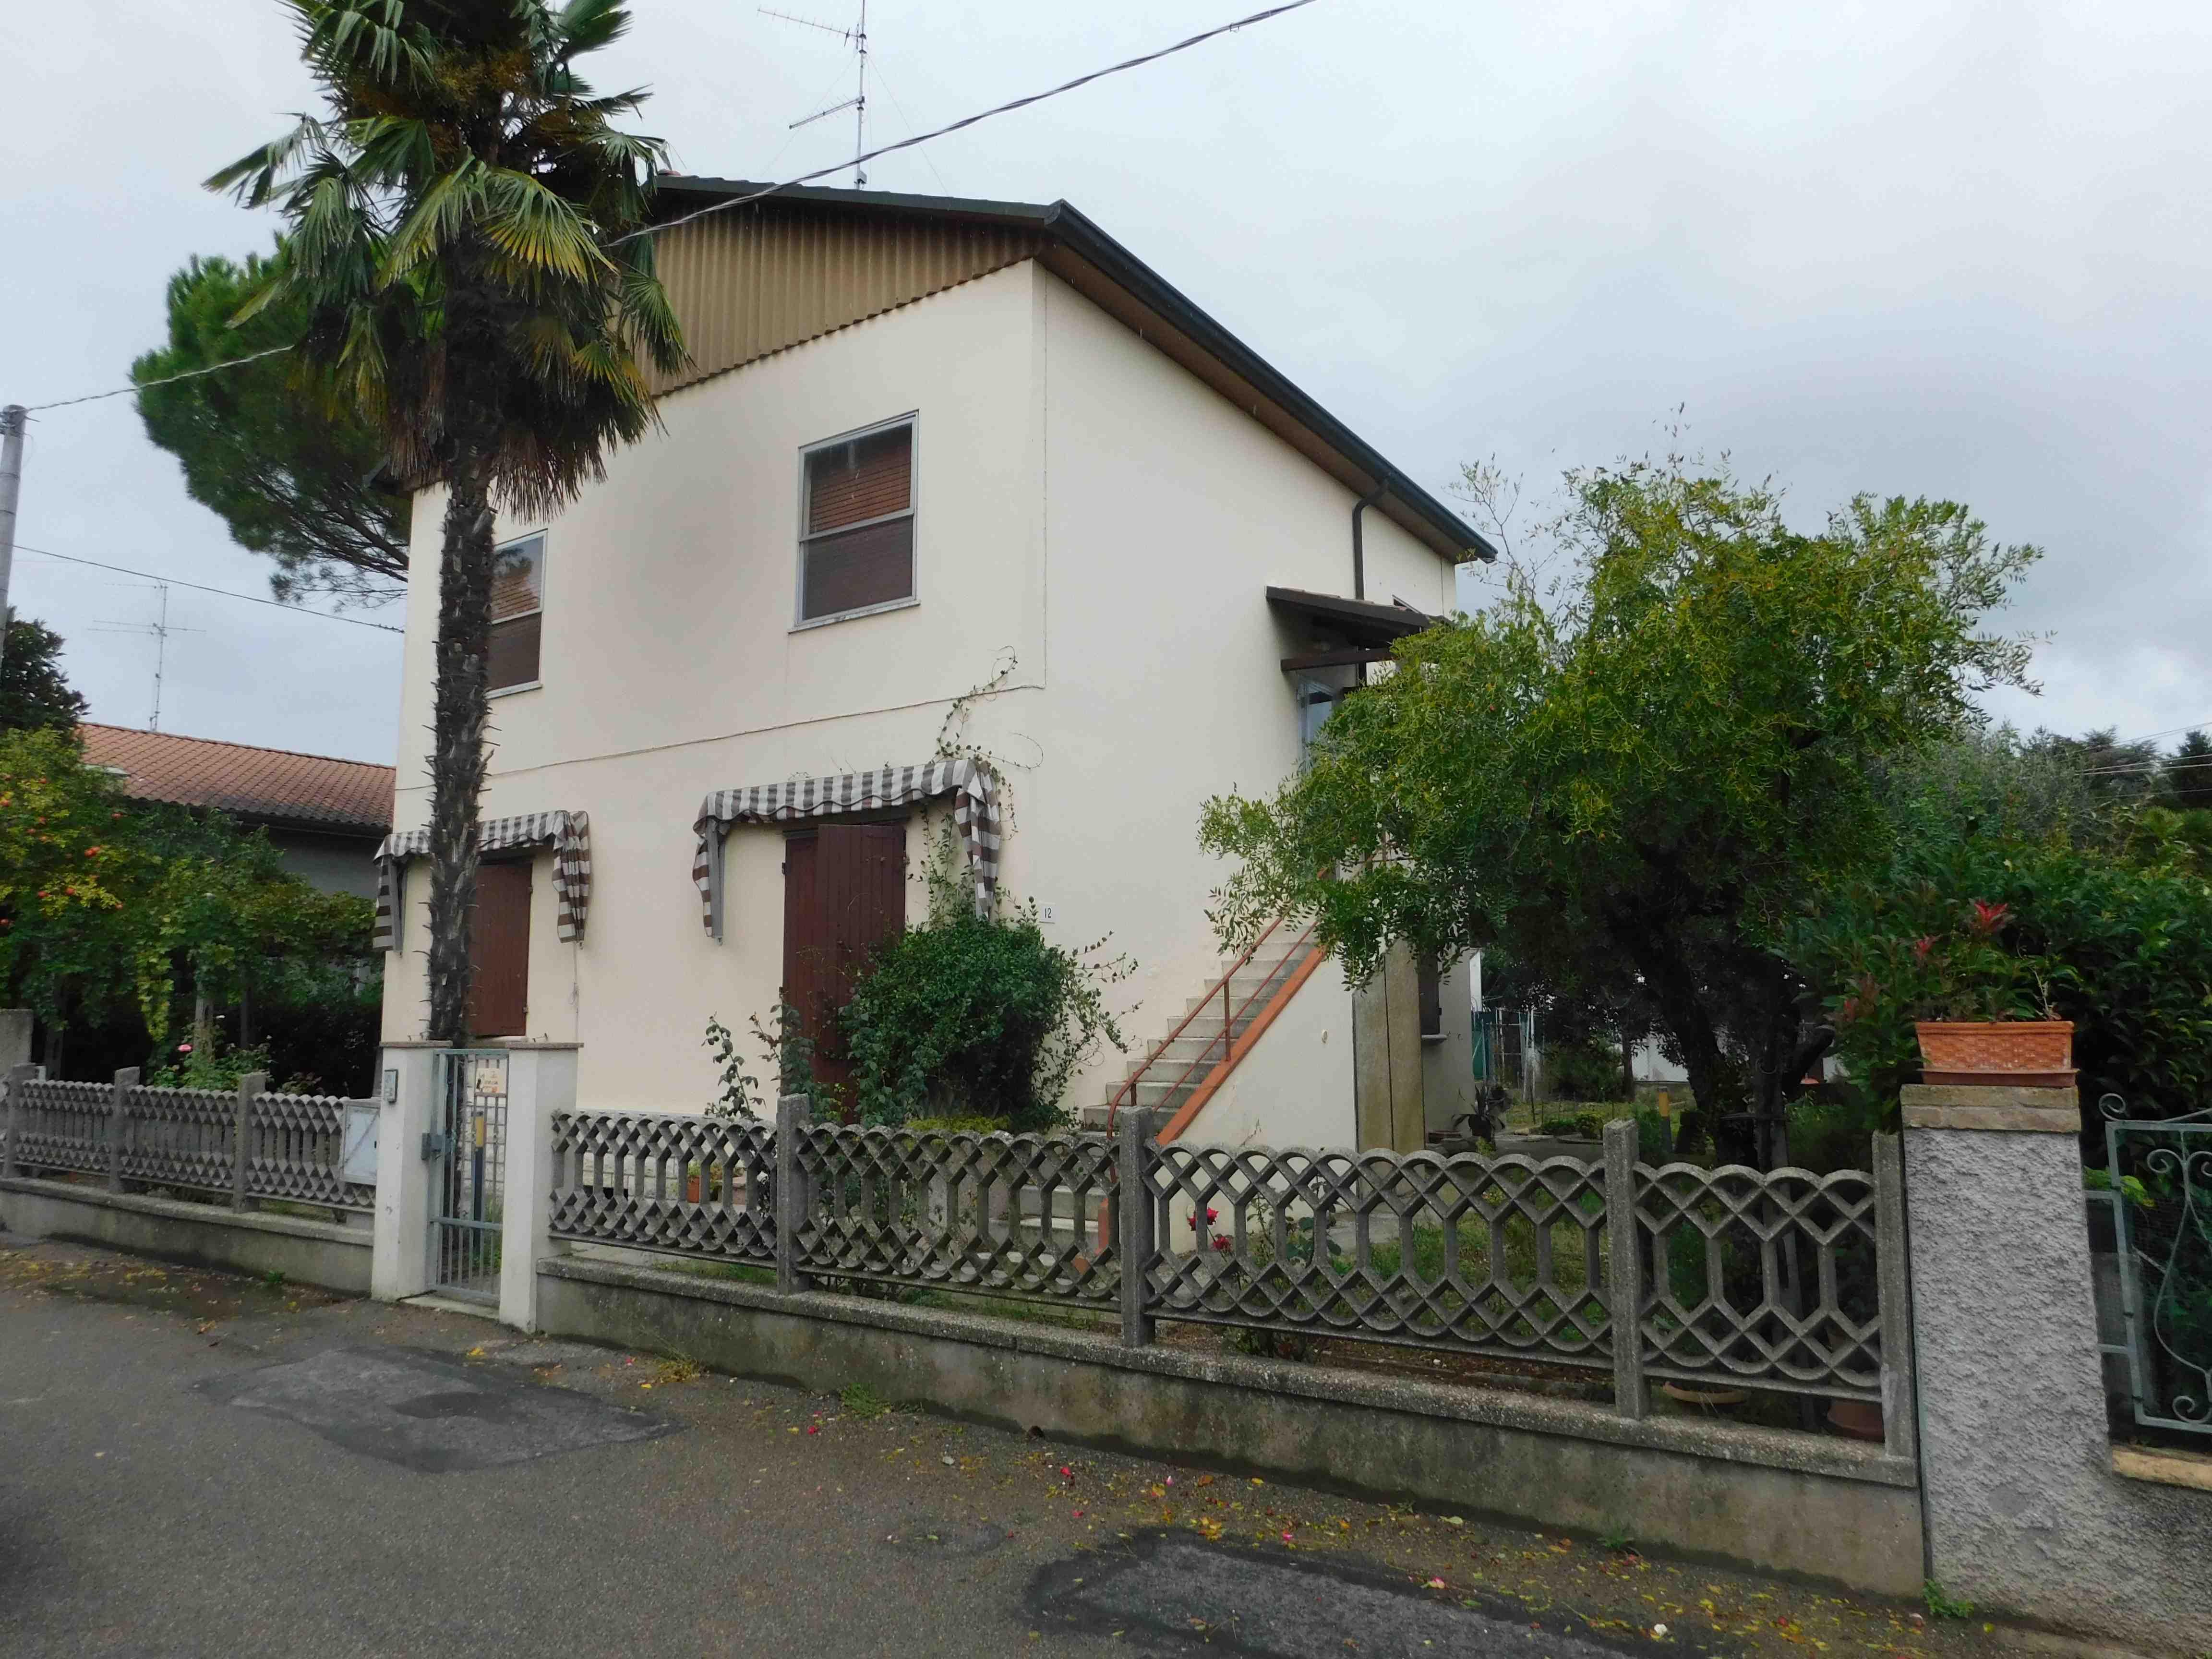 Casa in vendita a Castiglione di Cervia